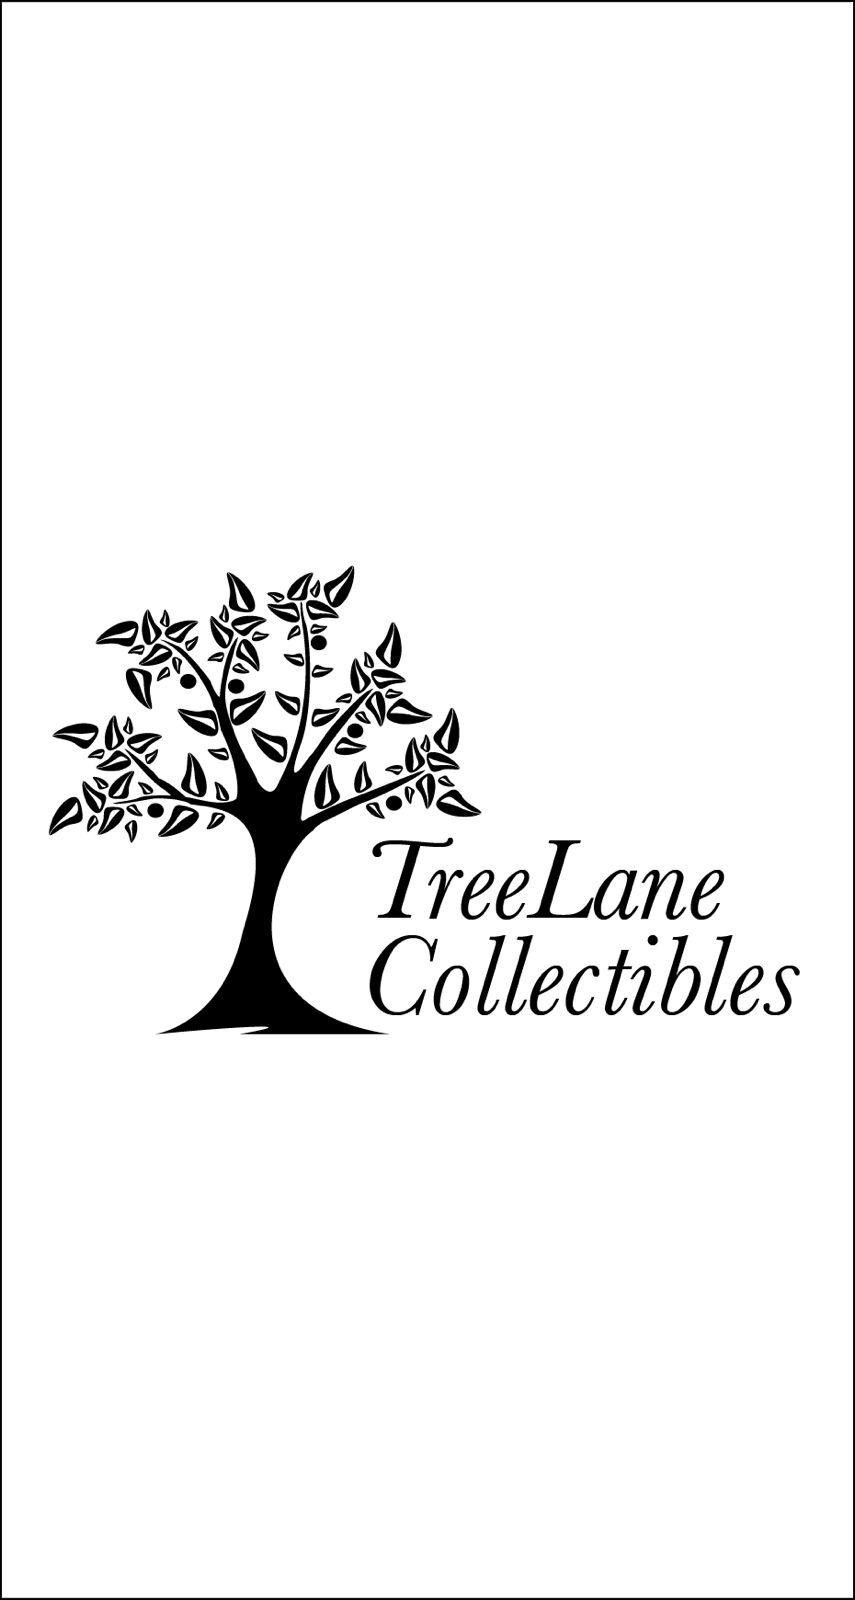 TreeLaneCollectibles